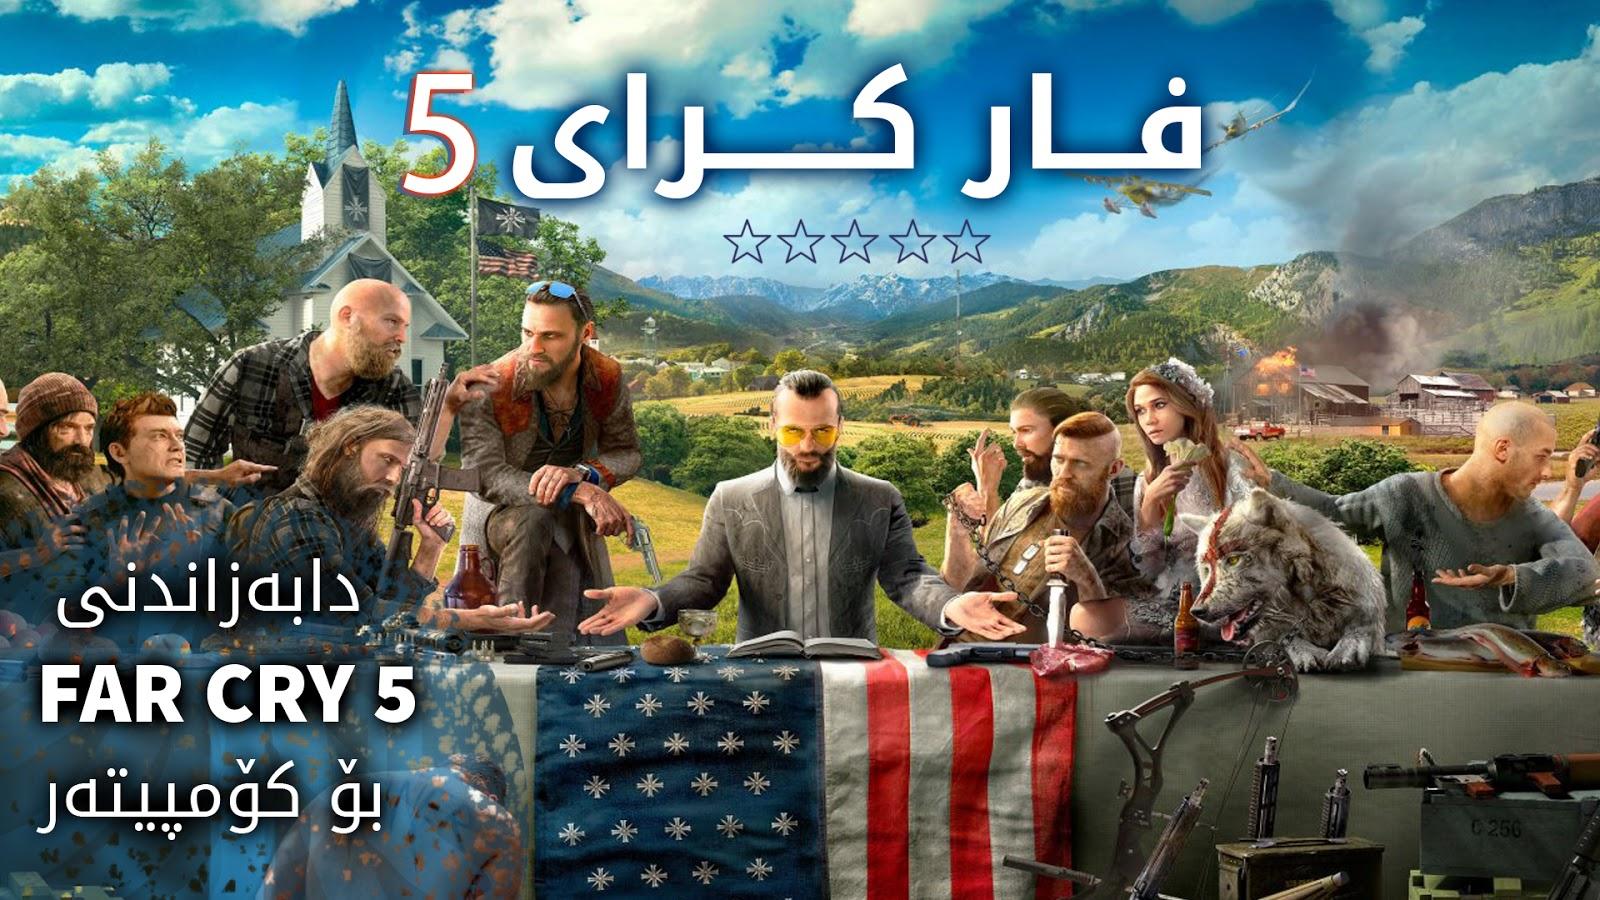 دابهزاندنی یاری Far Cry 5 بۆ كۆمپیتهر